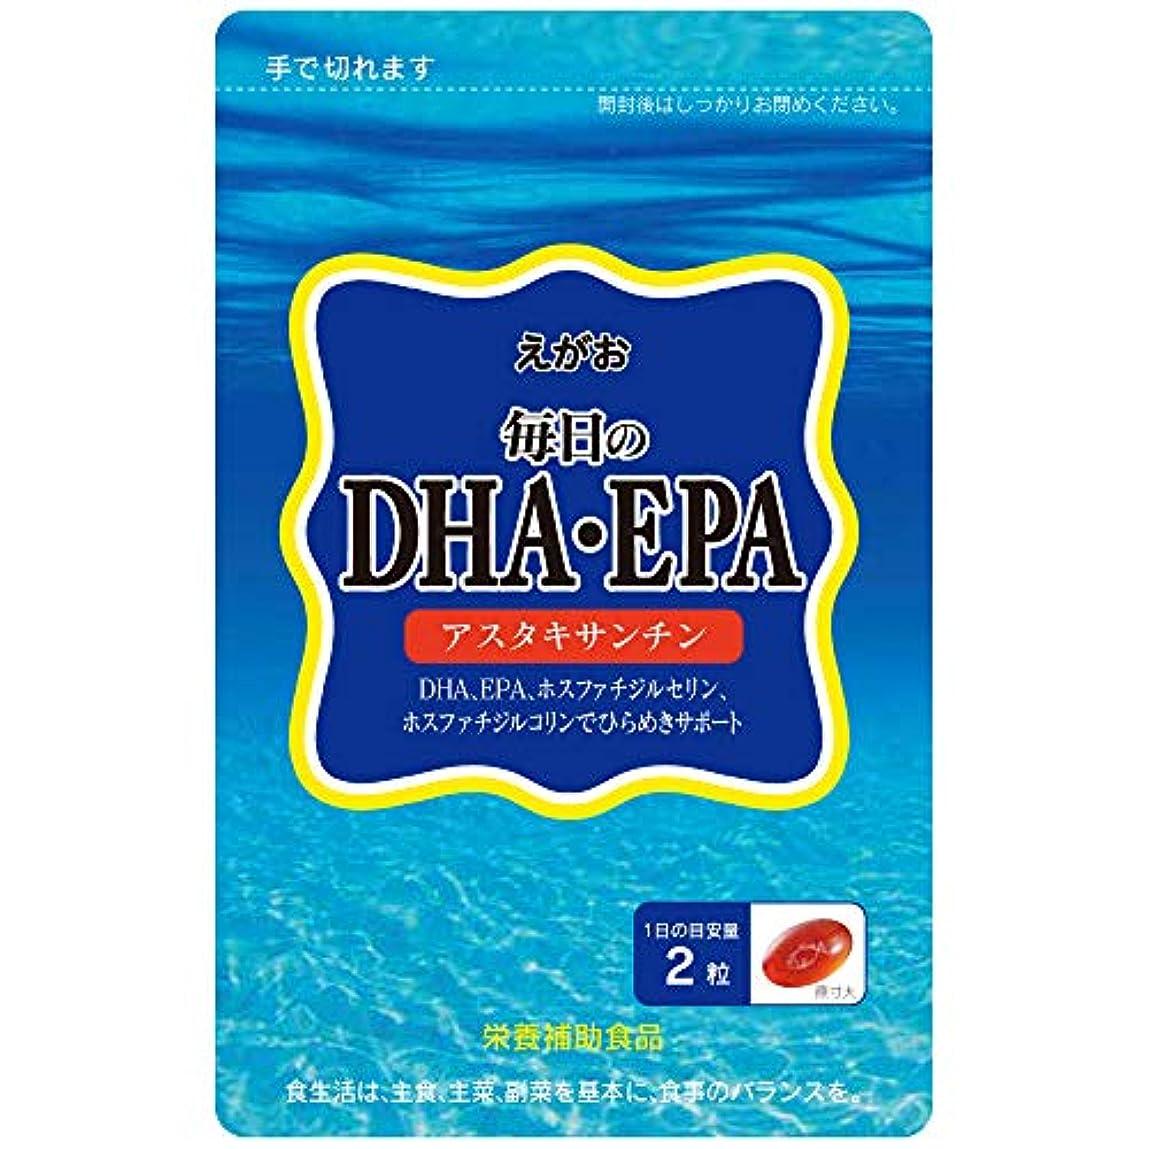 スポーツマン雰囲気期待えがお 毎日の DHA ? EPA 【1袋】(1袋/62粒入り 約1ヵ月分) 栄養補助食品